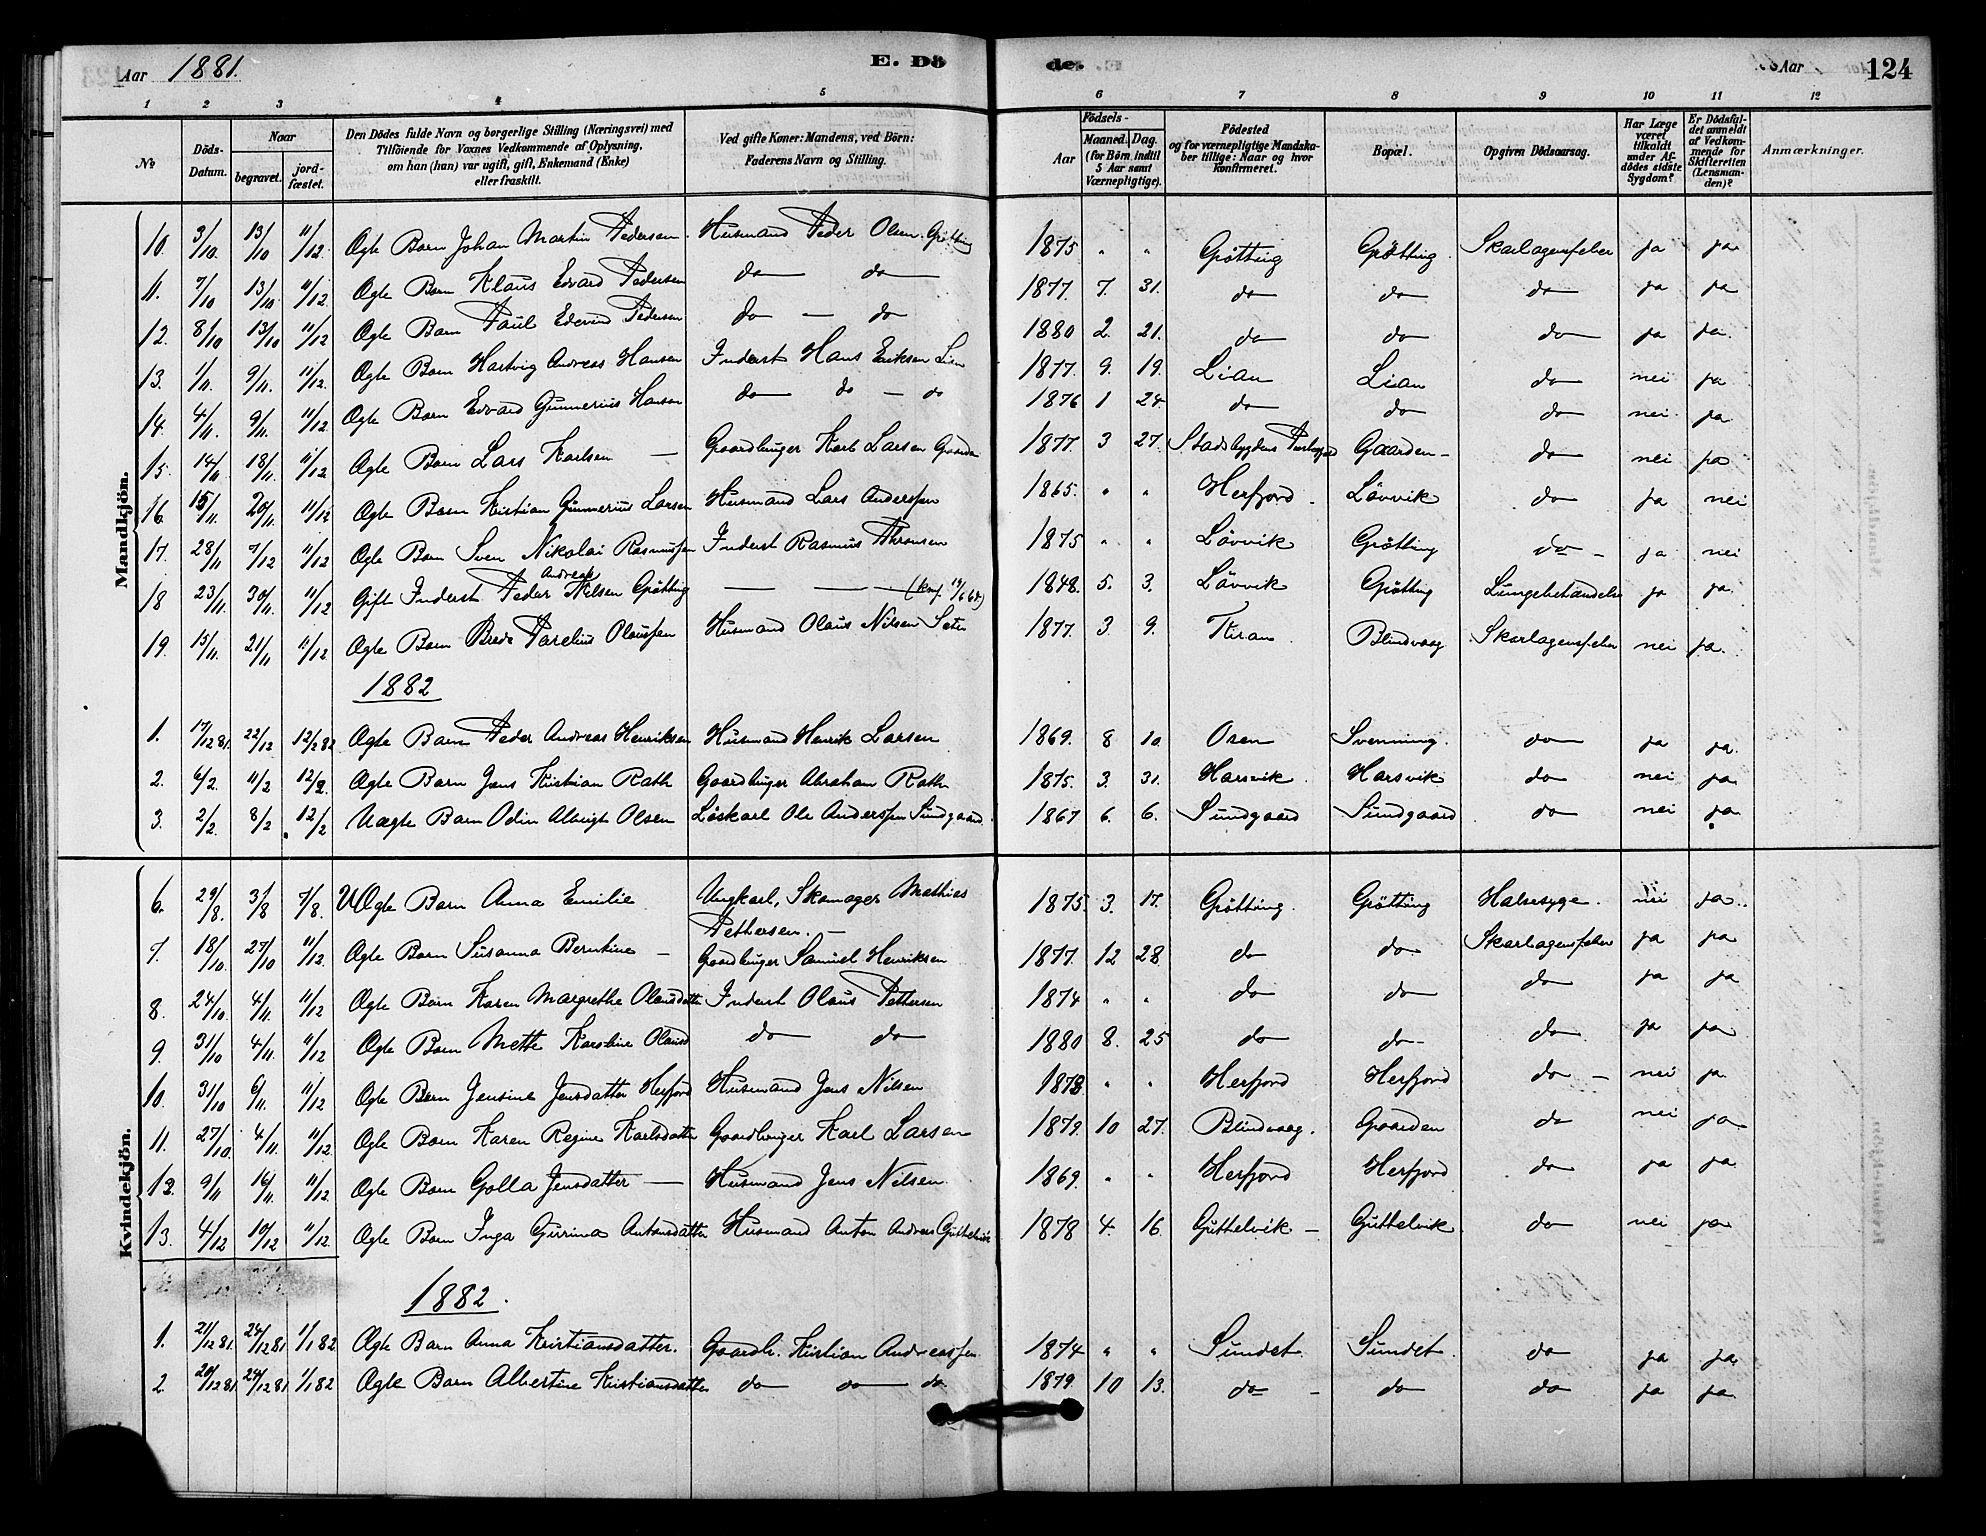 SAT, Ministerialprotokoller, klokkerbøker og fødselsregistre - Sør-Trøndelag, 656/L0692: Ministerialbok nr. 656A01, 1879-1893, s. 124